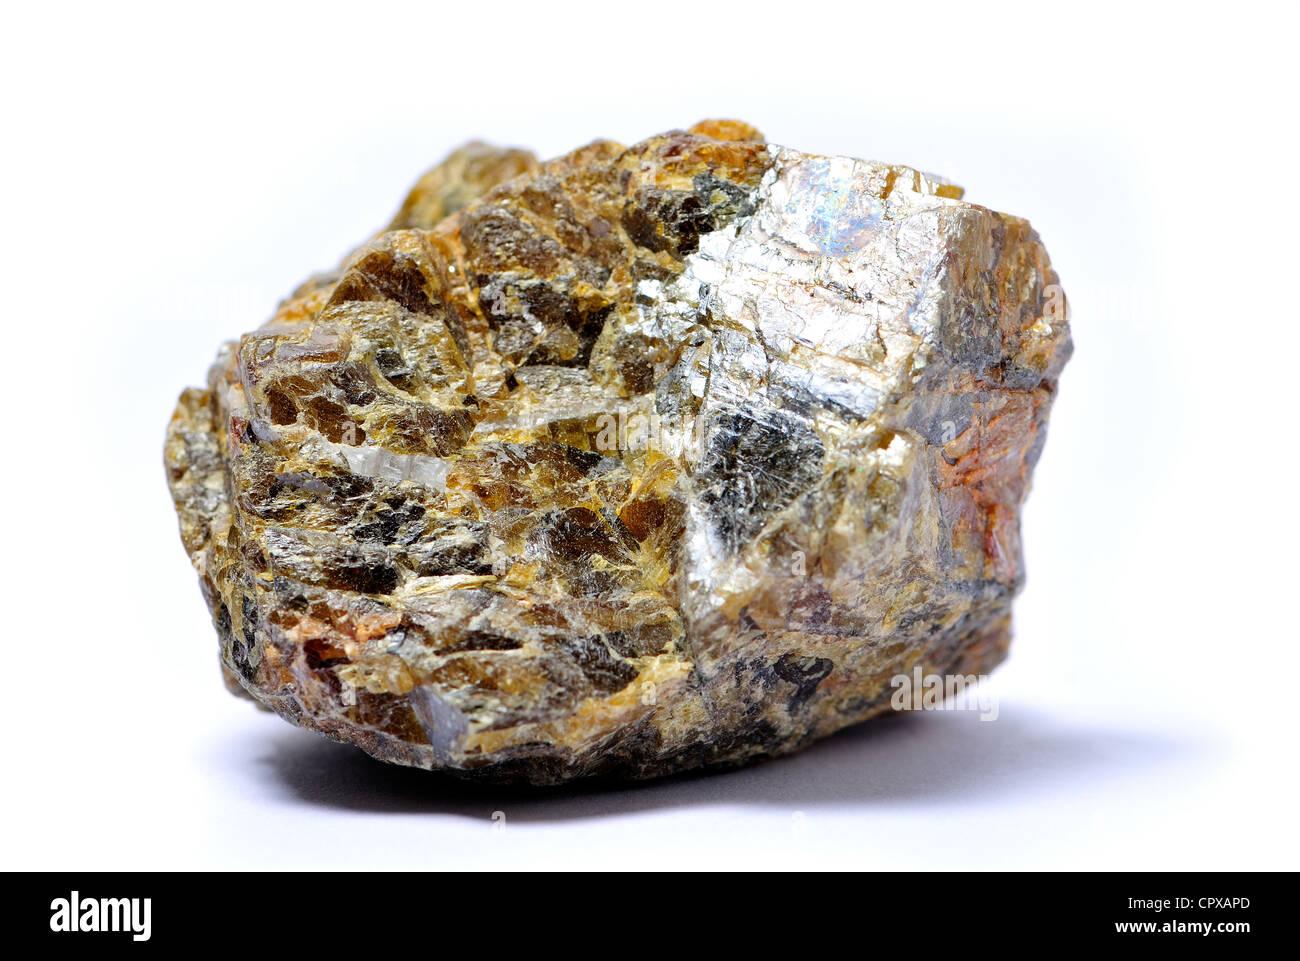 Sphalerite (zinc sulphide) - principle ore of zinc, from Aliva, Spain. - Stock Image